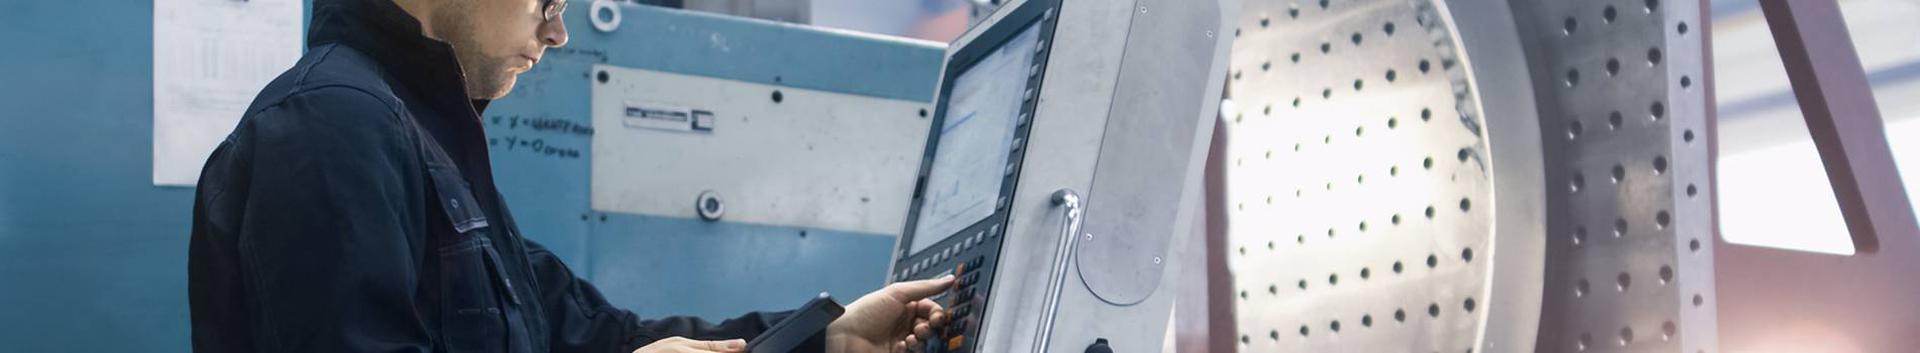 33201_toostuslike-masinate-paigaldus_78381927_xl.jpg